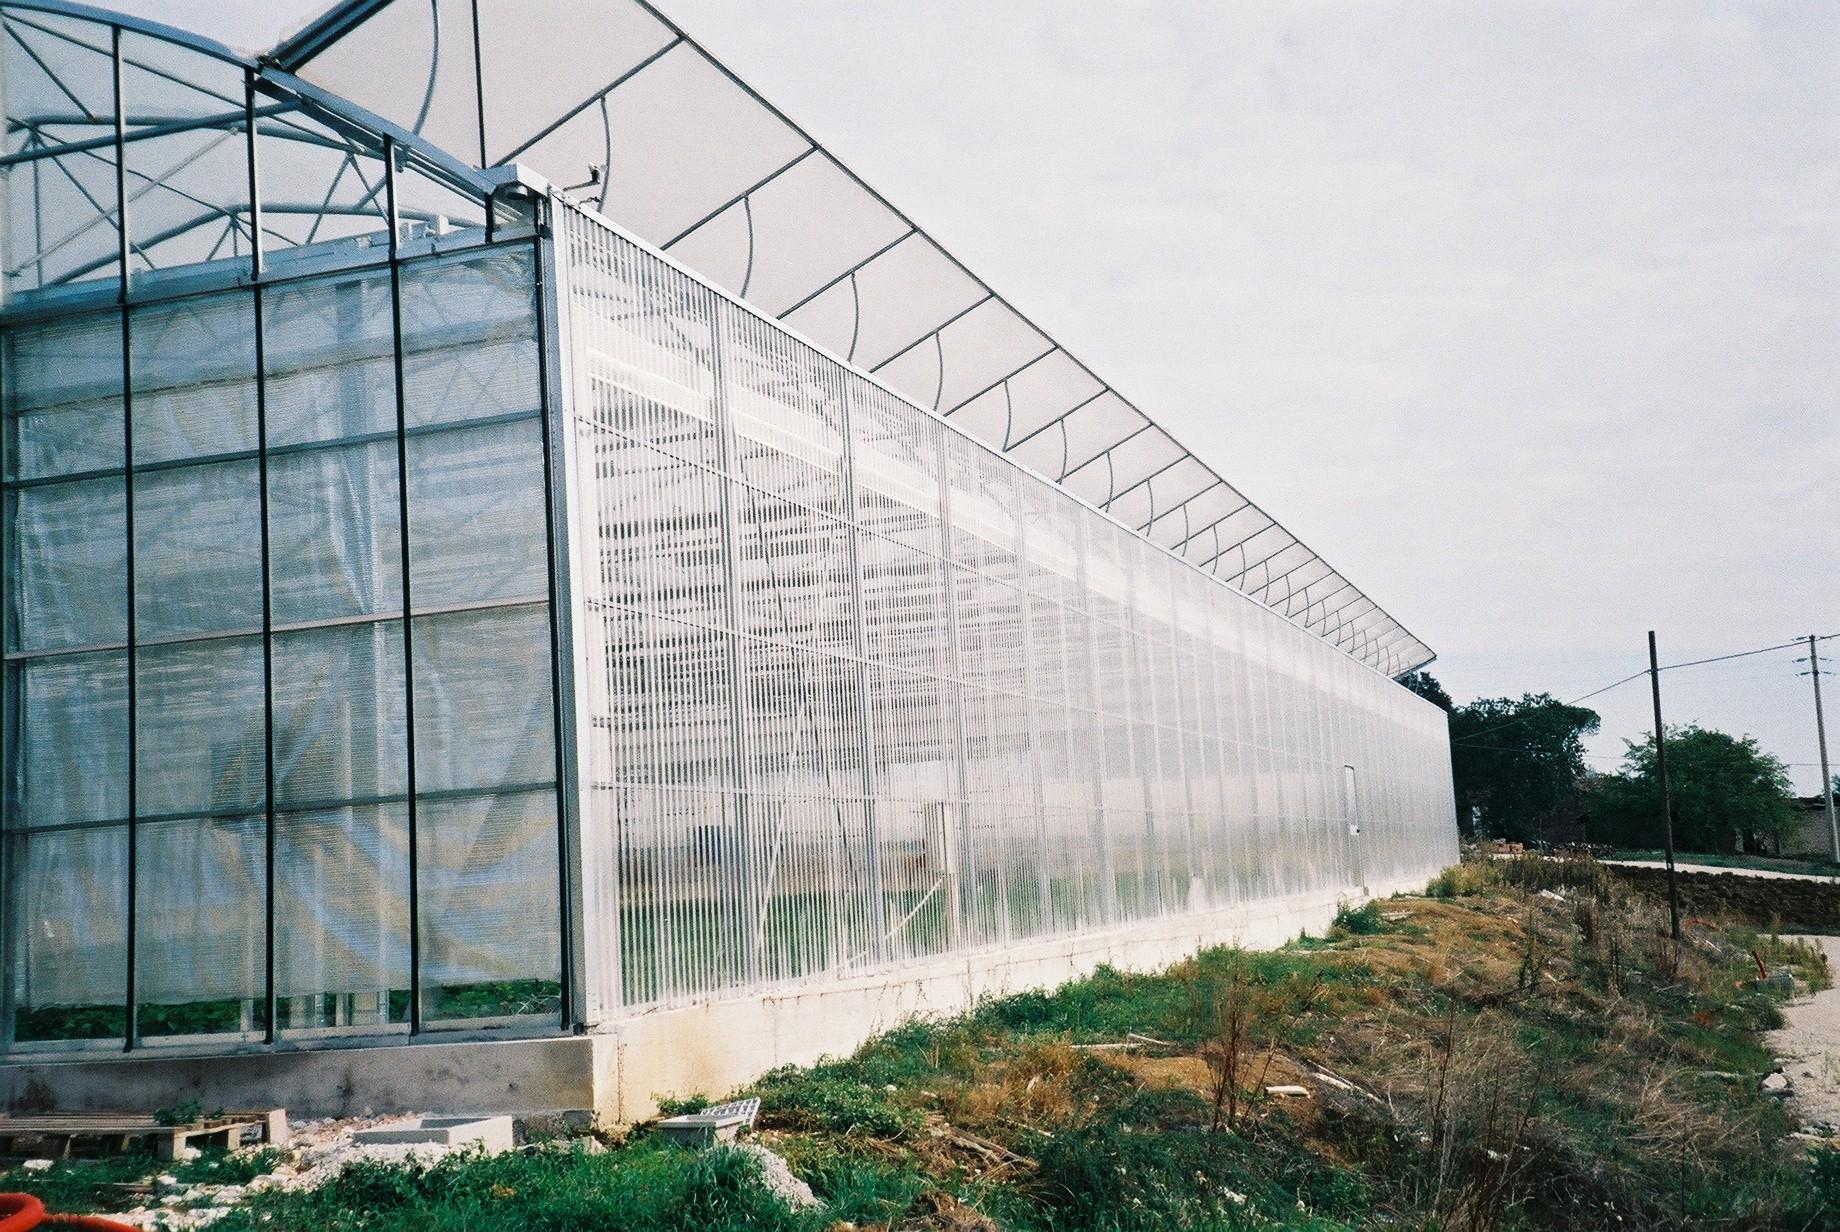 Sere cu deschidere tip rulou la peretii laterali MENATWORK AGRICOL - Poza 24